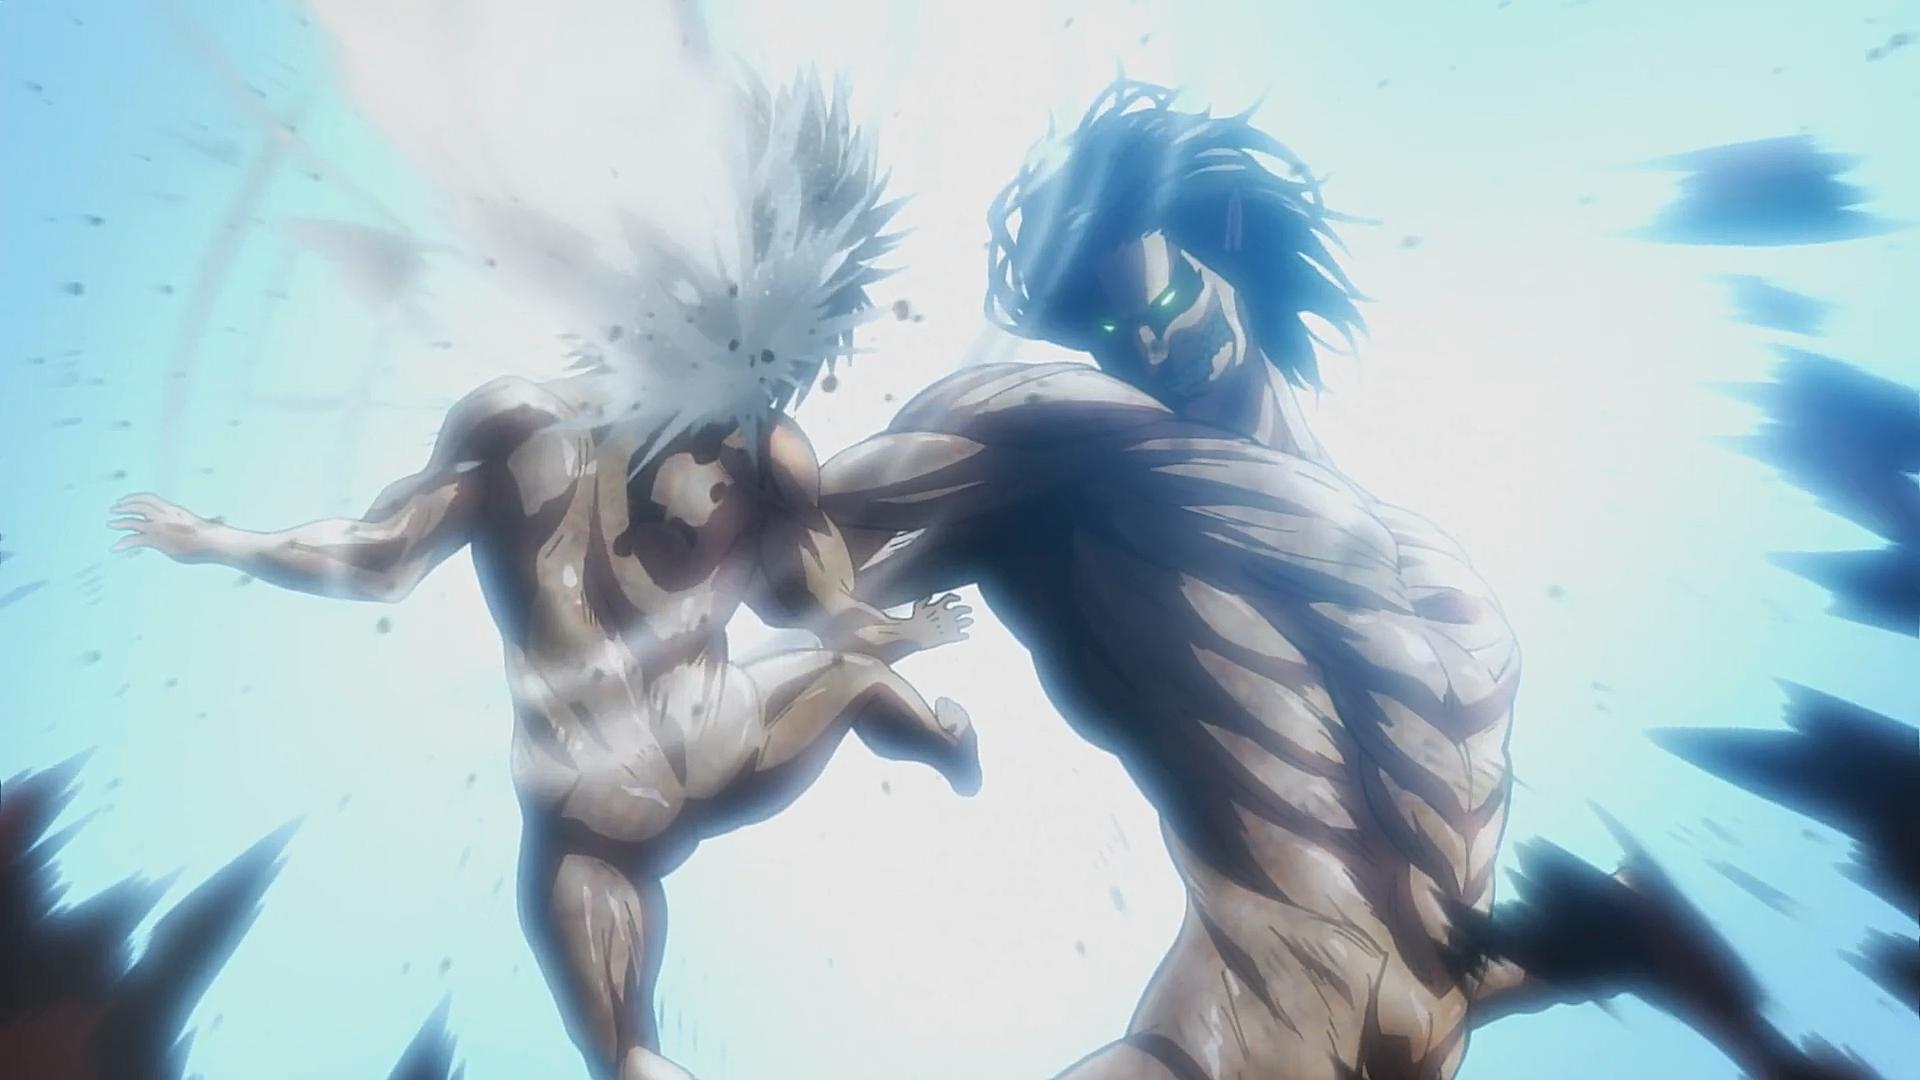 ملف:Eren kills the small Titan.png